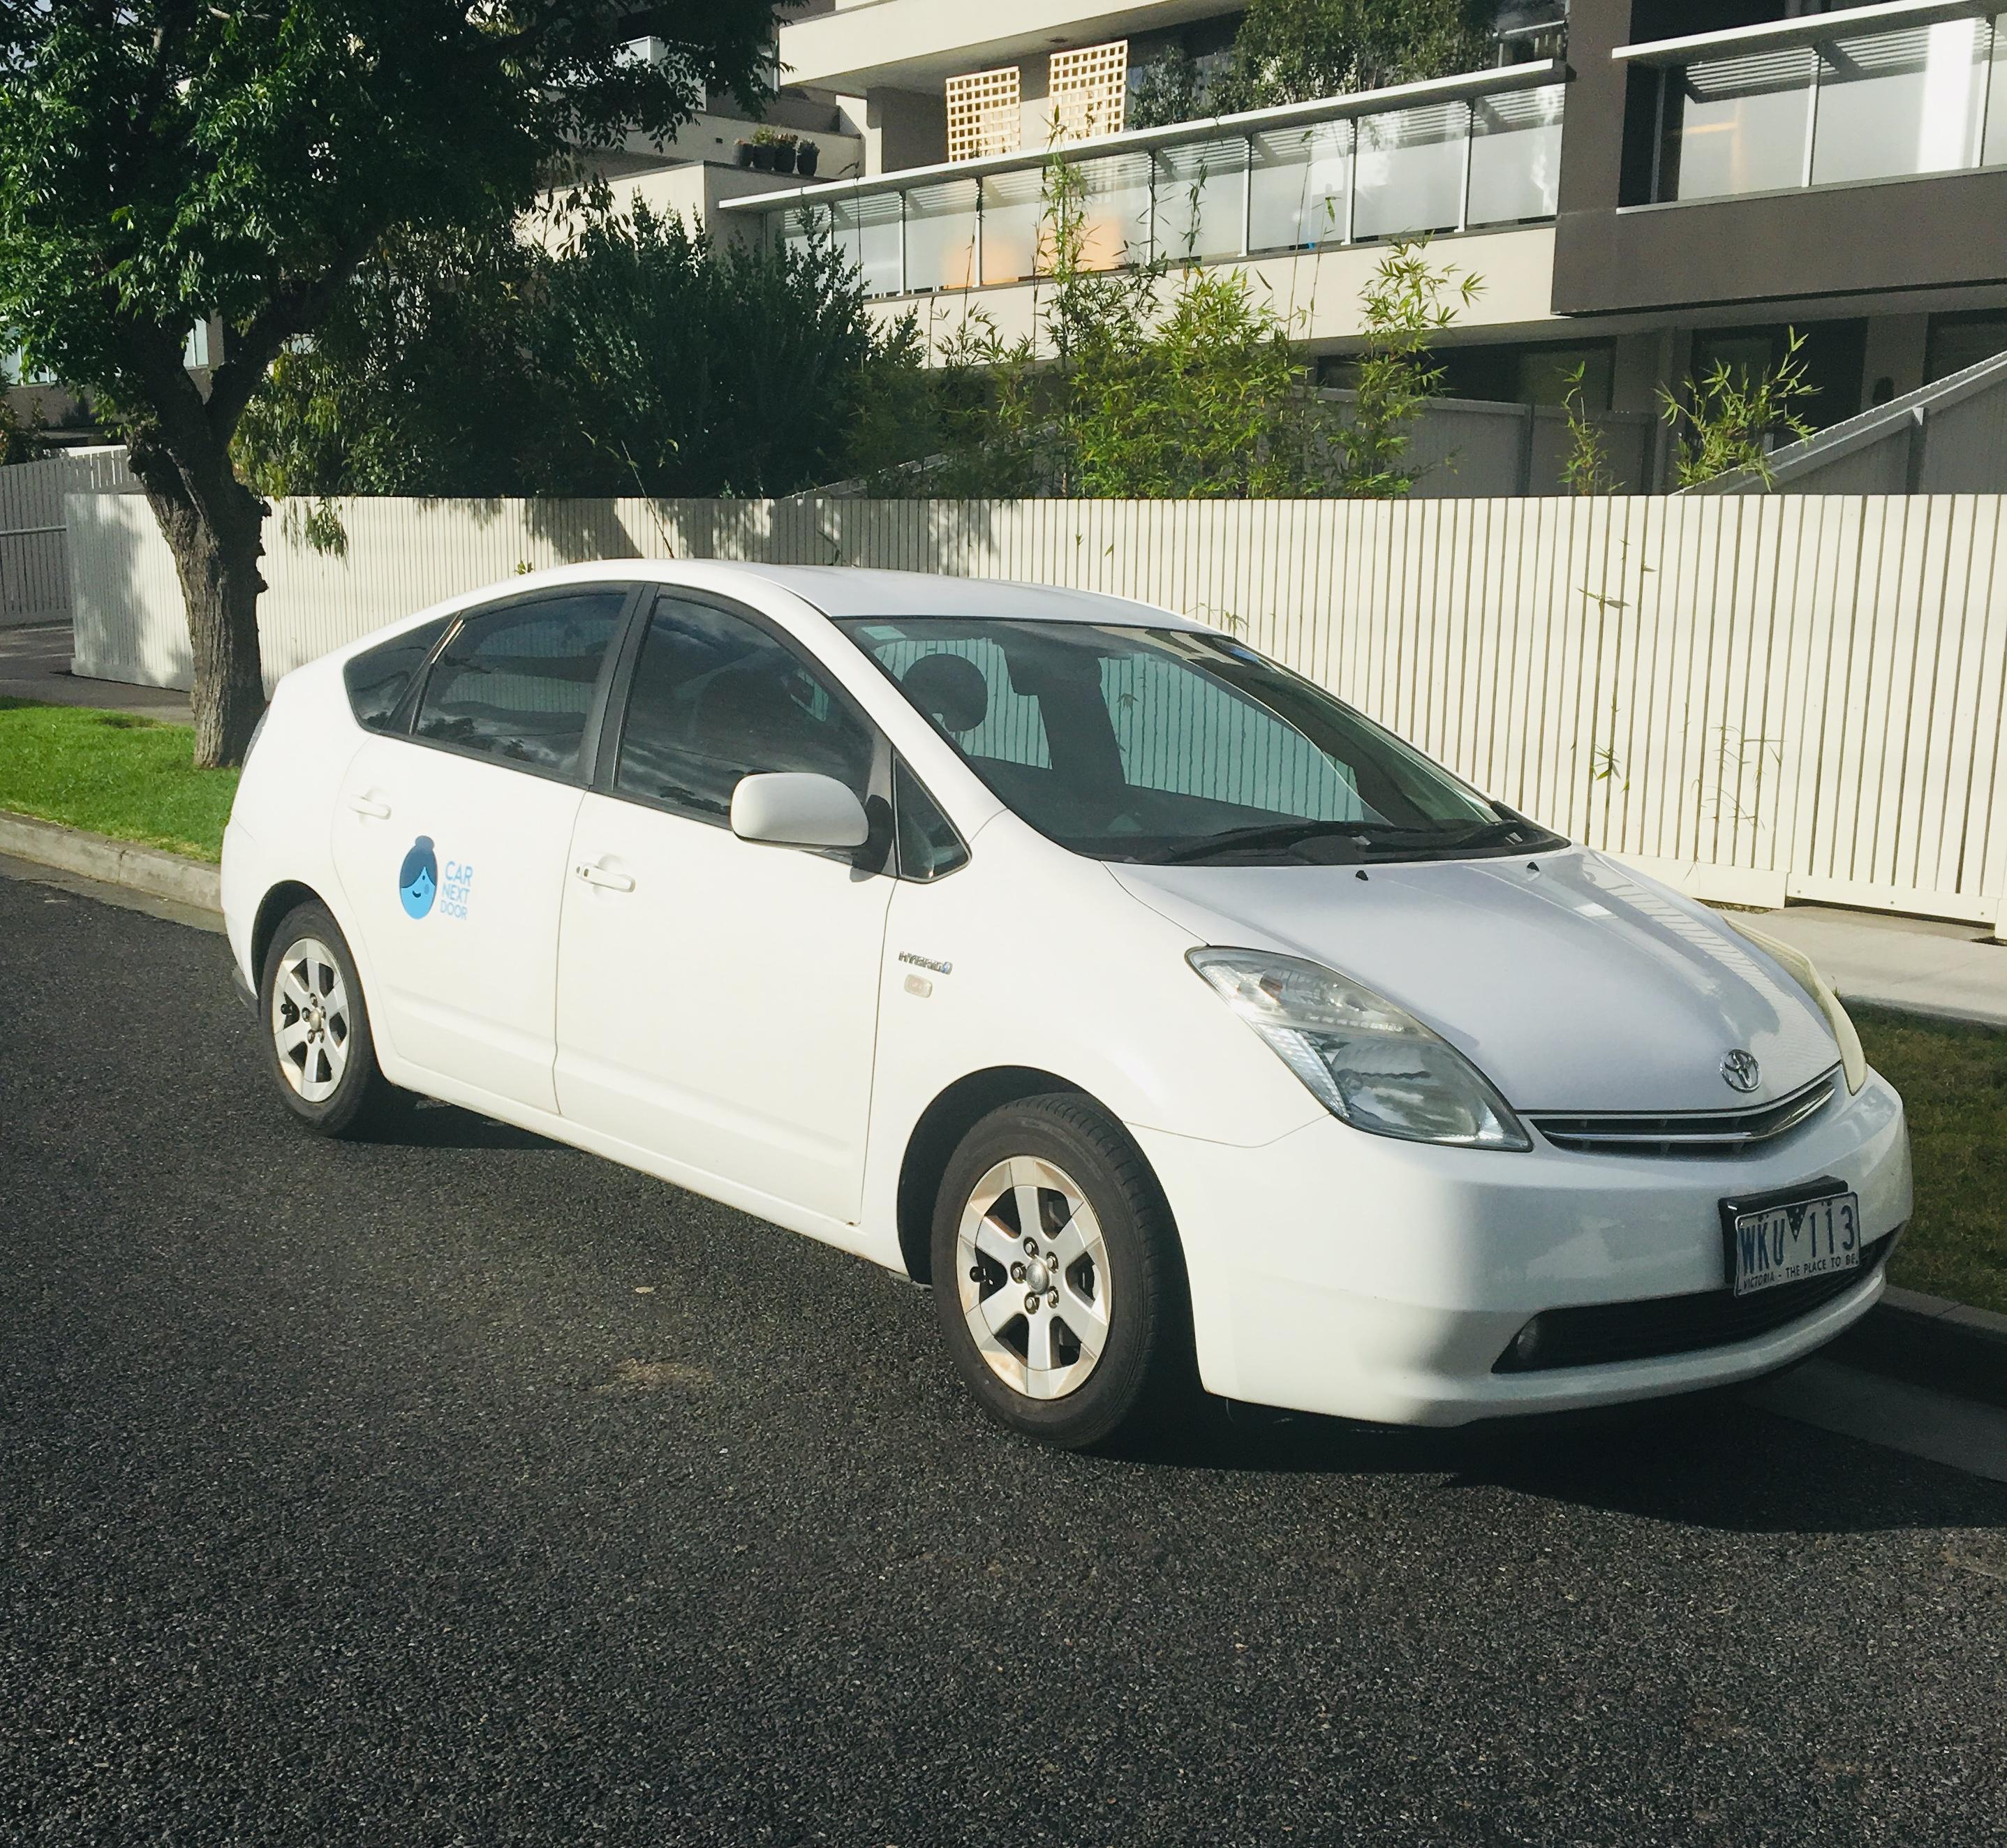 Picture of Henriette's 2008 Toyota Prius